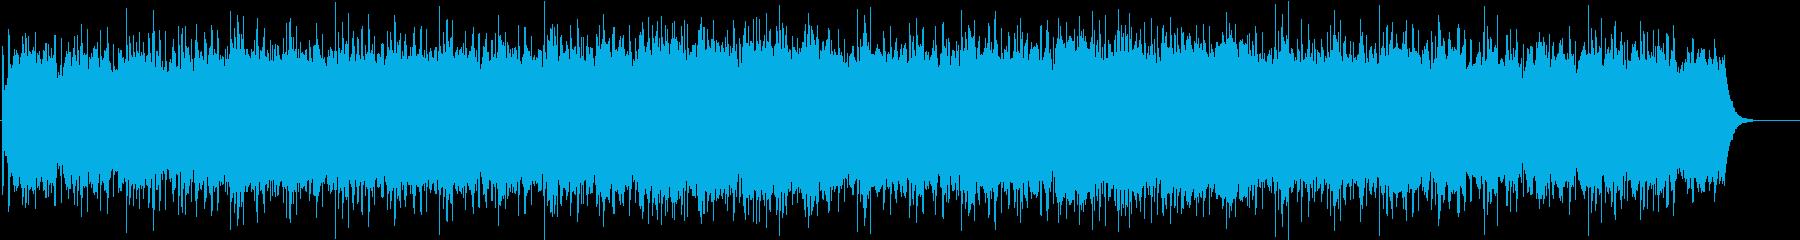 広がりのあるミステリアスなBGMの再生済みの波形